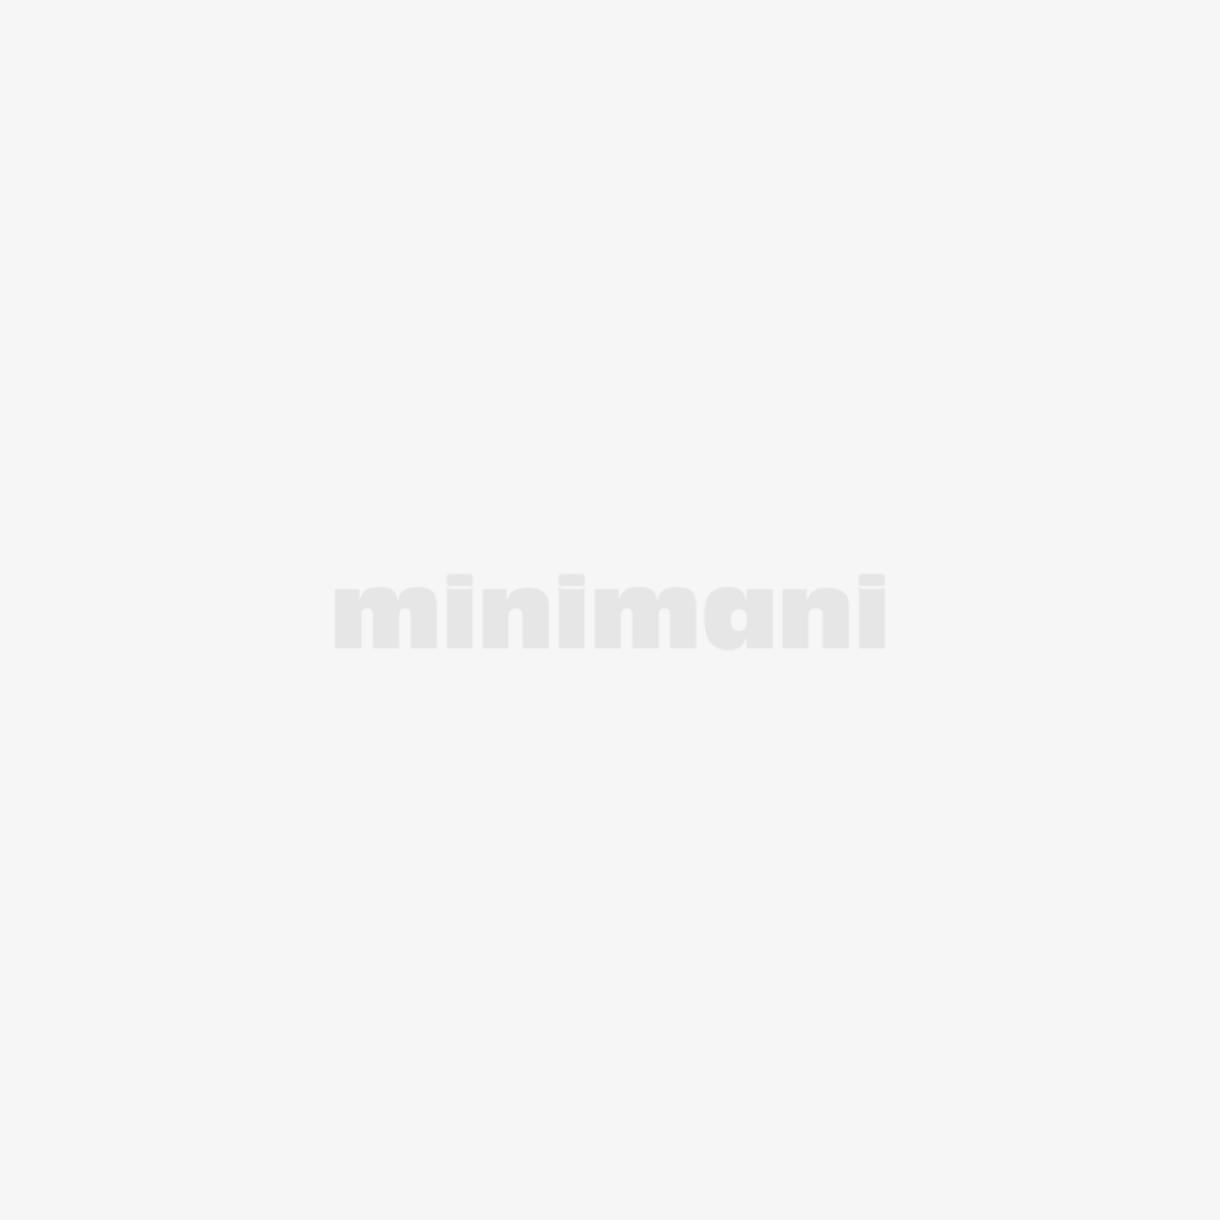 Familon Princess käsipyyhe 50x70cm, vohveli valkoinen